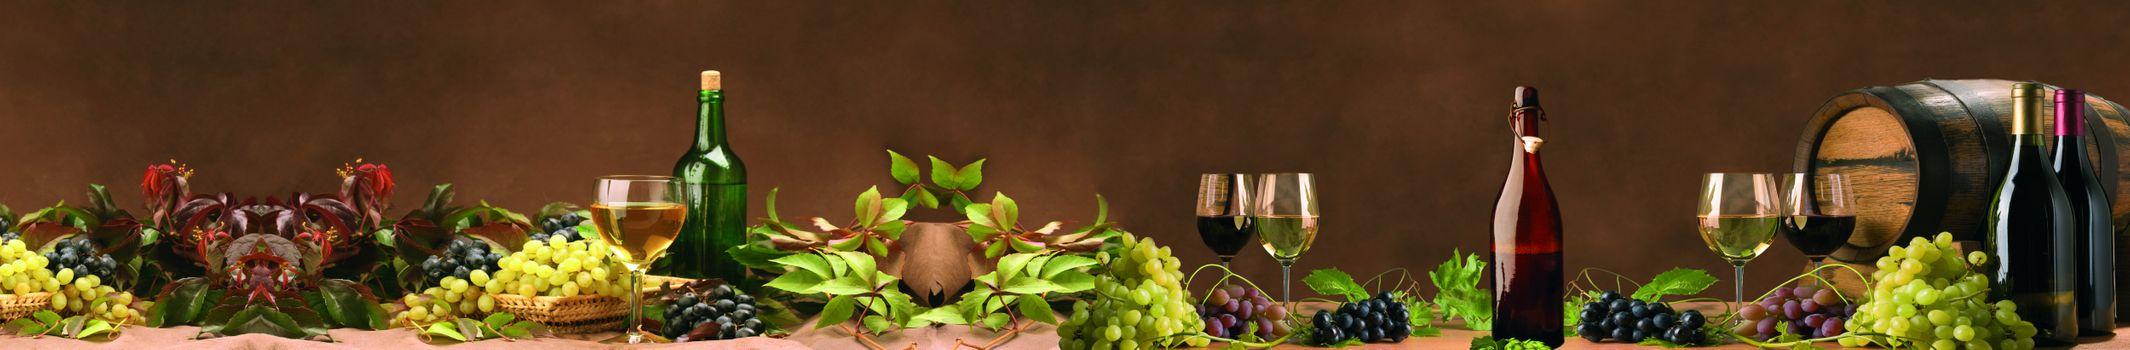 Фото бесплатно вино, бокалы, бочка, виноград, ягоды, натюрморт, напиток, панорама